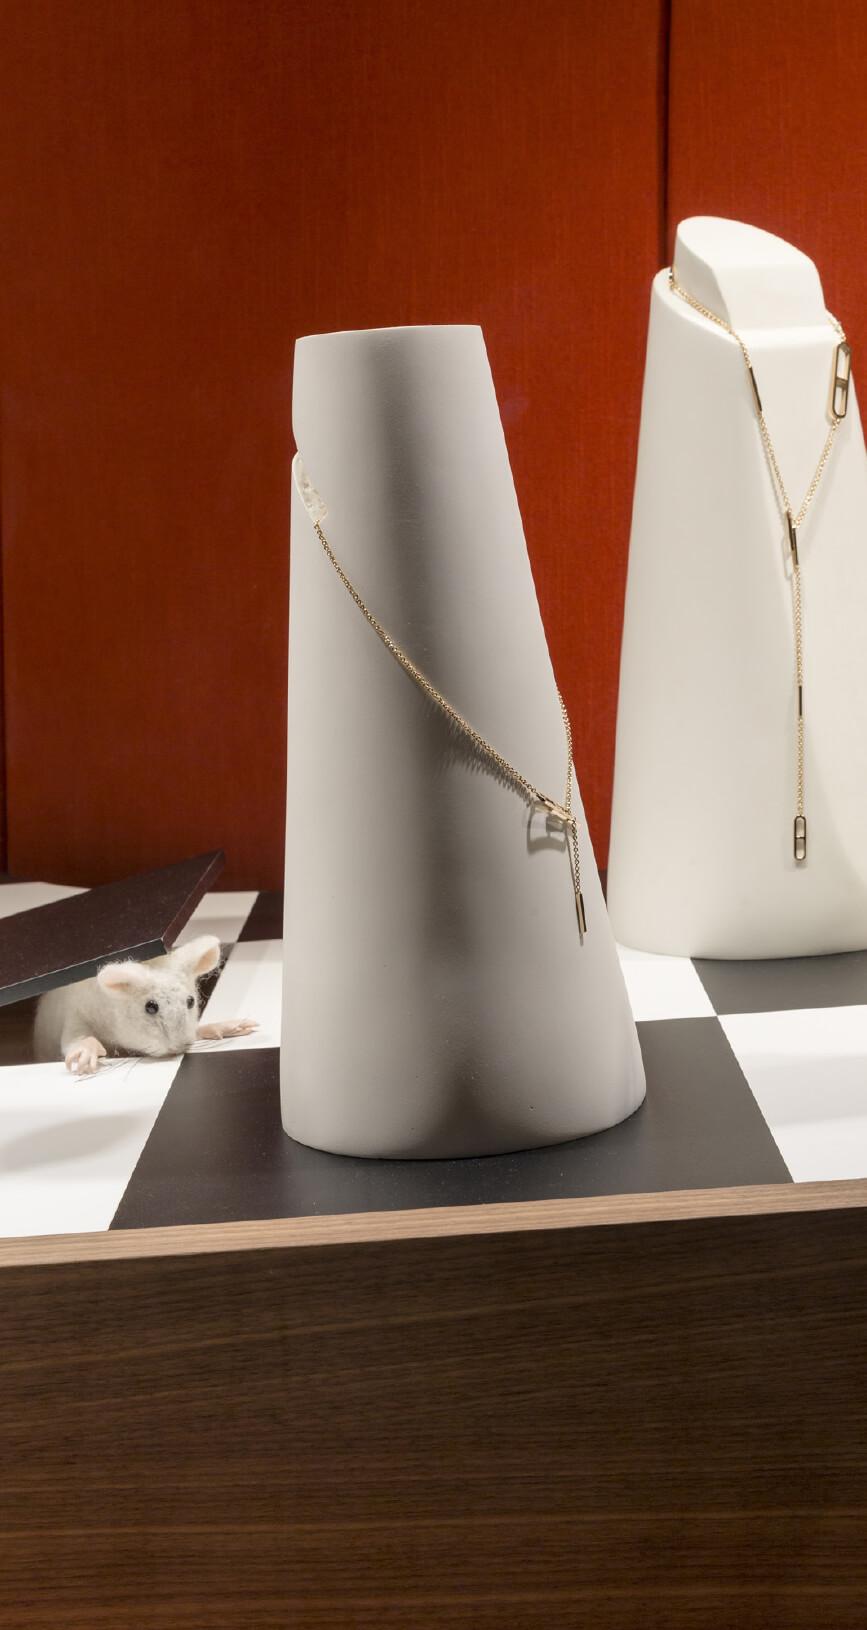 Hermes-suisse-retail-luxe-vitrine-window-display-visual-mersh-OKTO-_04